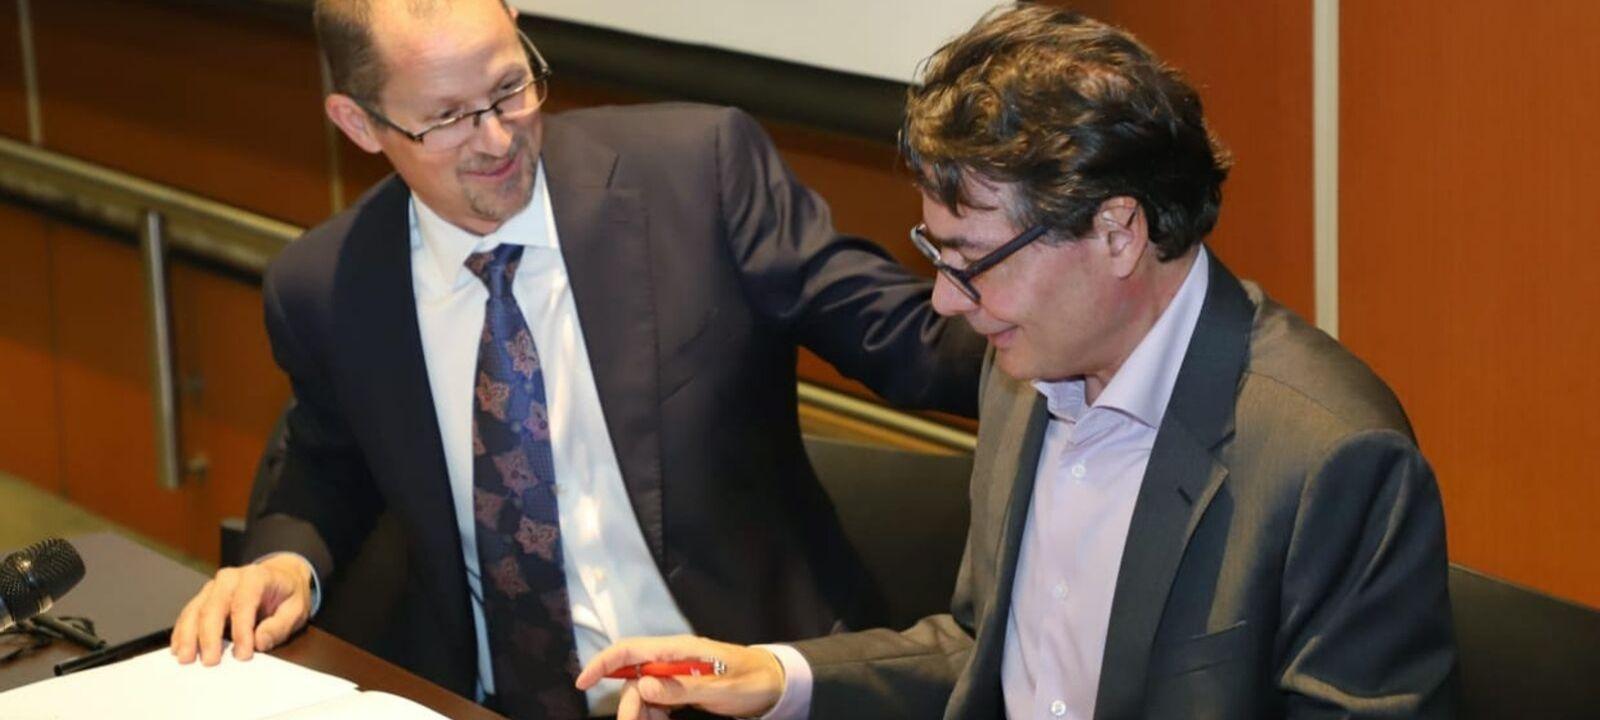 Jeff Maggionclada, CEO de Coursera, y Alejandro Gaviria, rector de la Universidad de los Andes | Uniandes